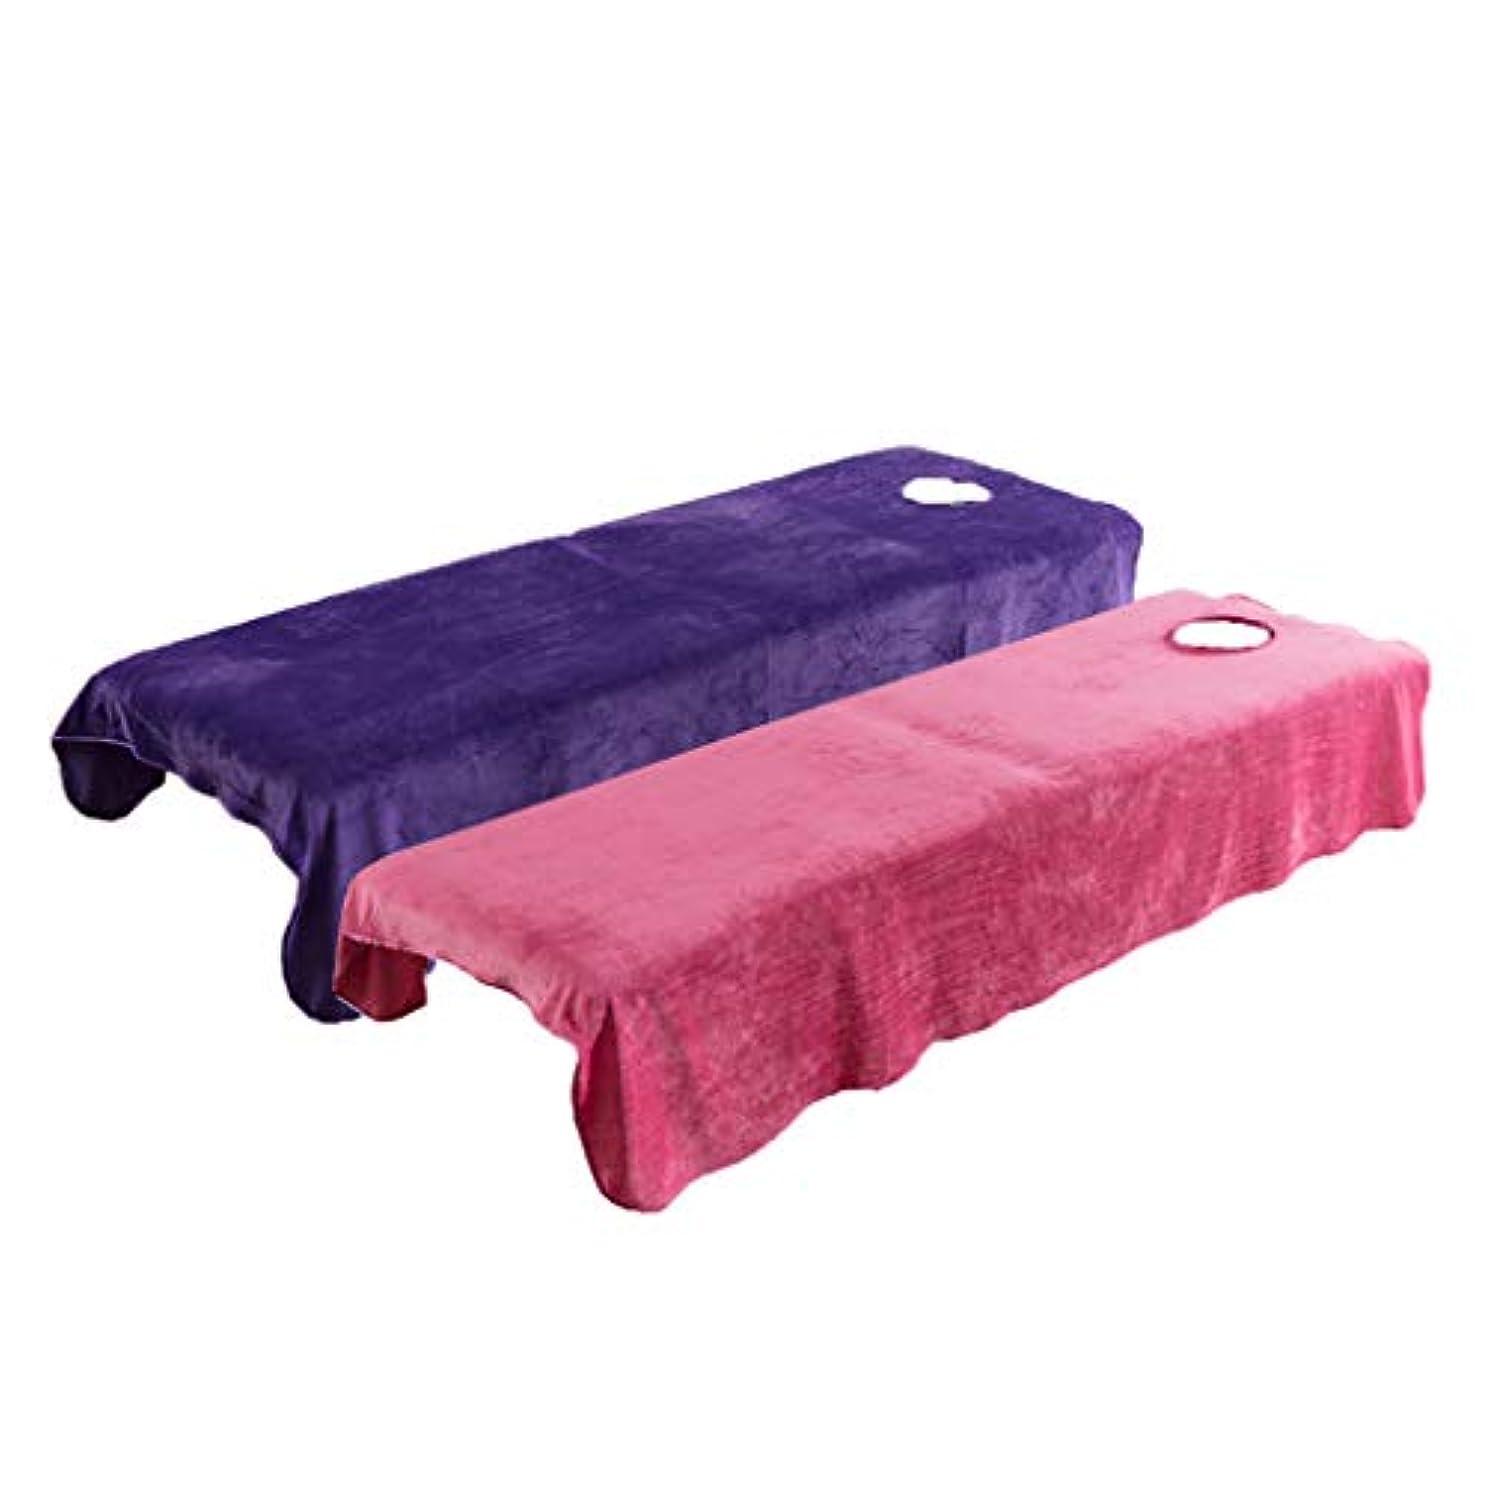 習慣浴不運PETSOLA 有孔 スパ マッサージベッドカバー 2枚入り 美容ベッドカバー マッサージ台シーツ ピンク&パープル